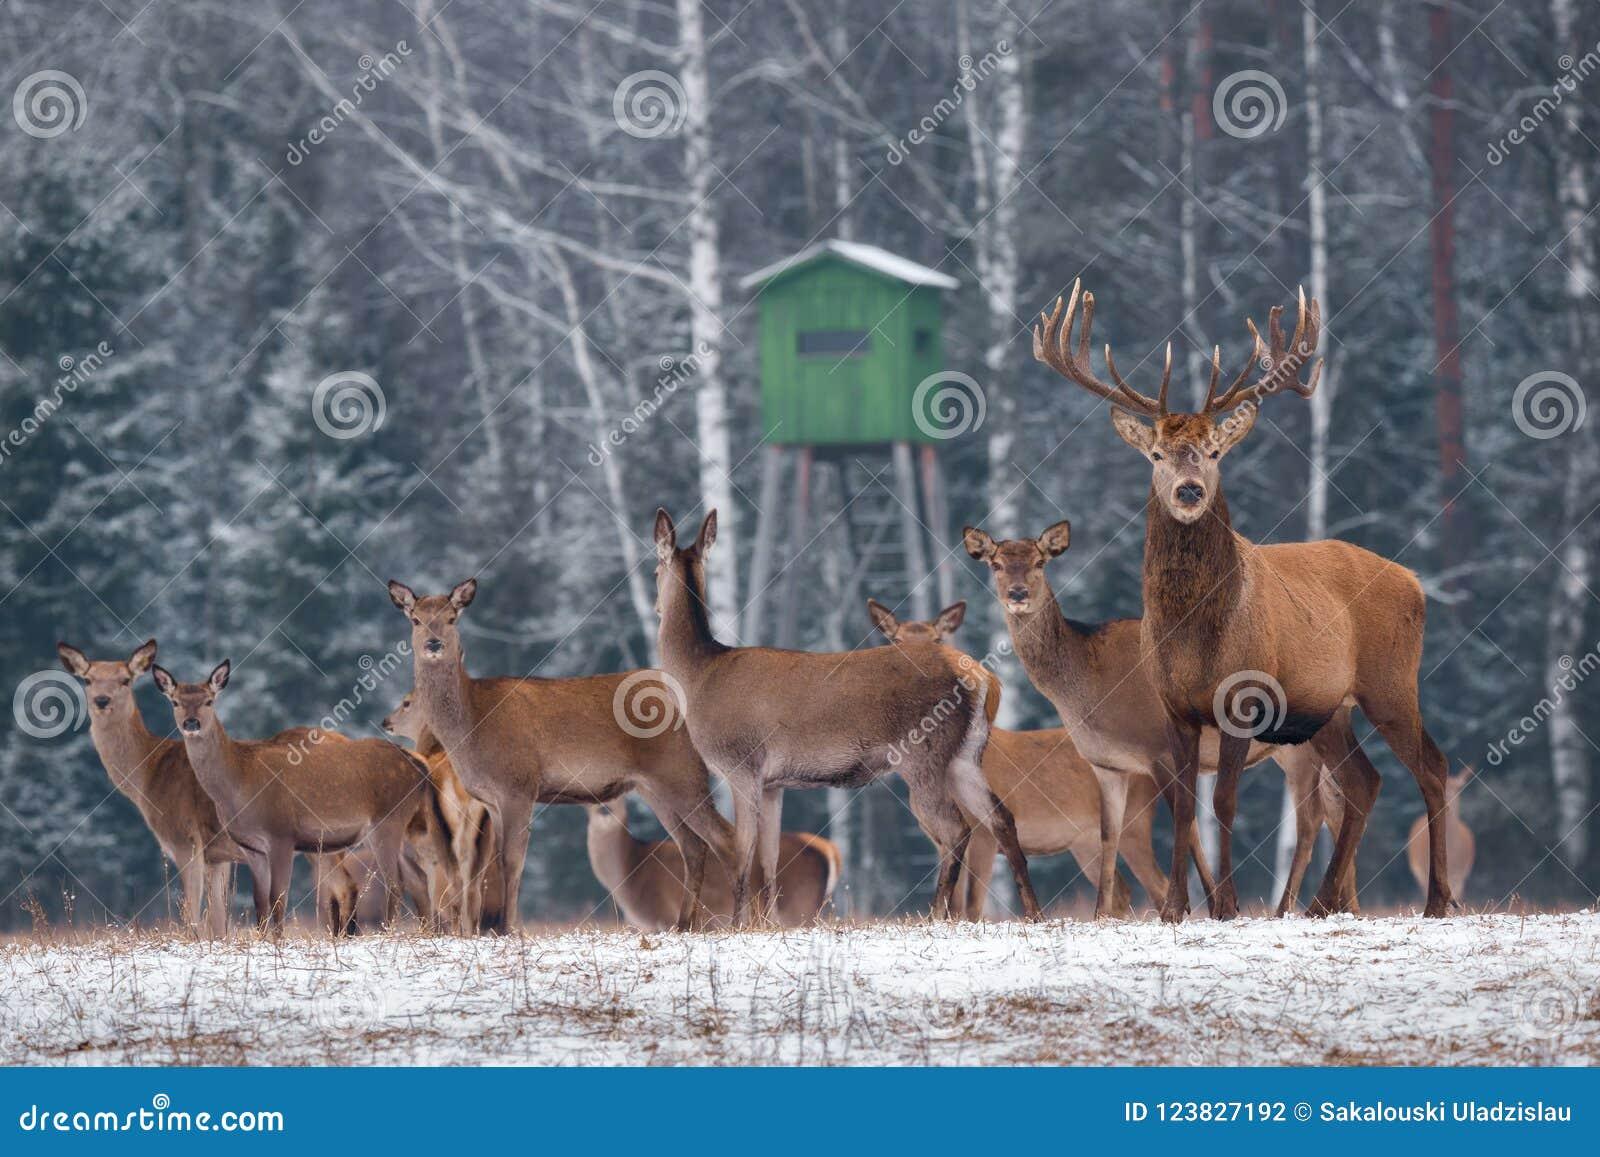 Jeleni polowanie W zima czasie Grupa Szlachetny Jeleni Cervus Elaphus, Prowadząca jeleniem, Przeciw tłu polowania Winte I wierza